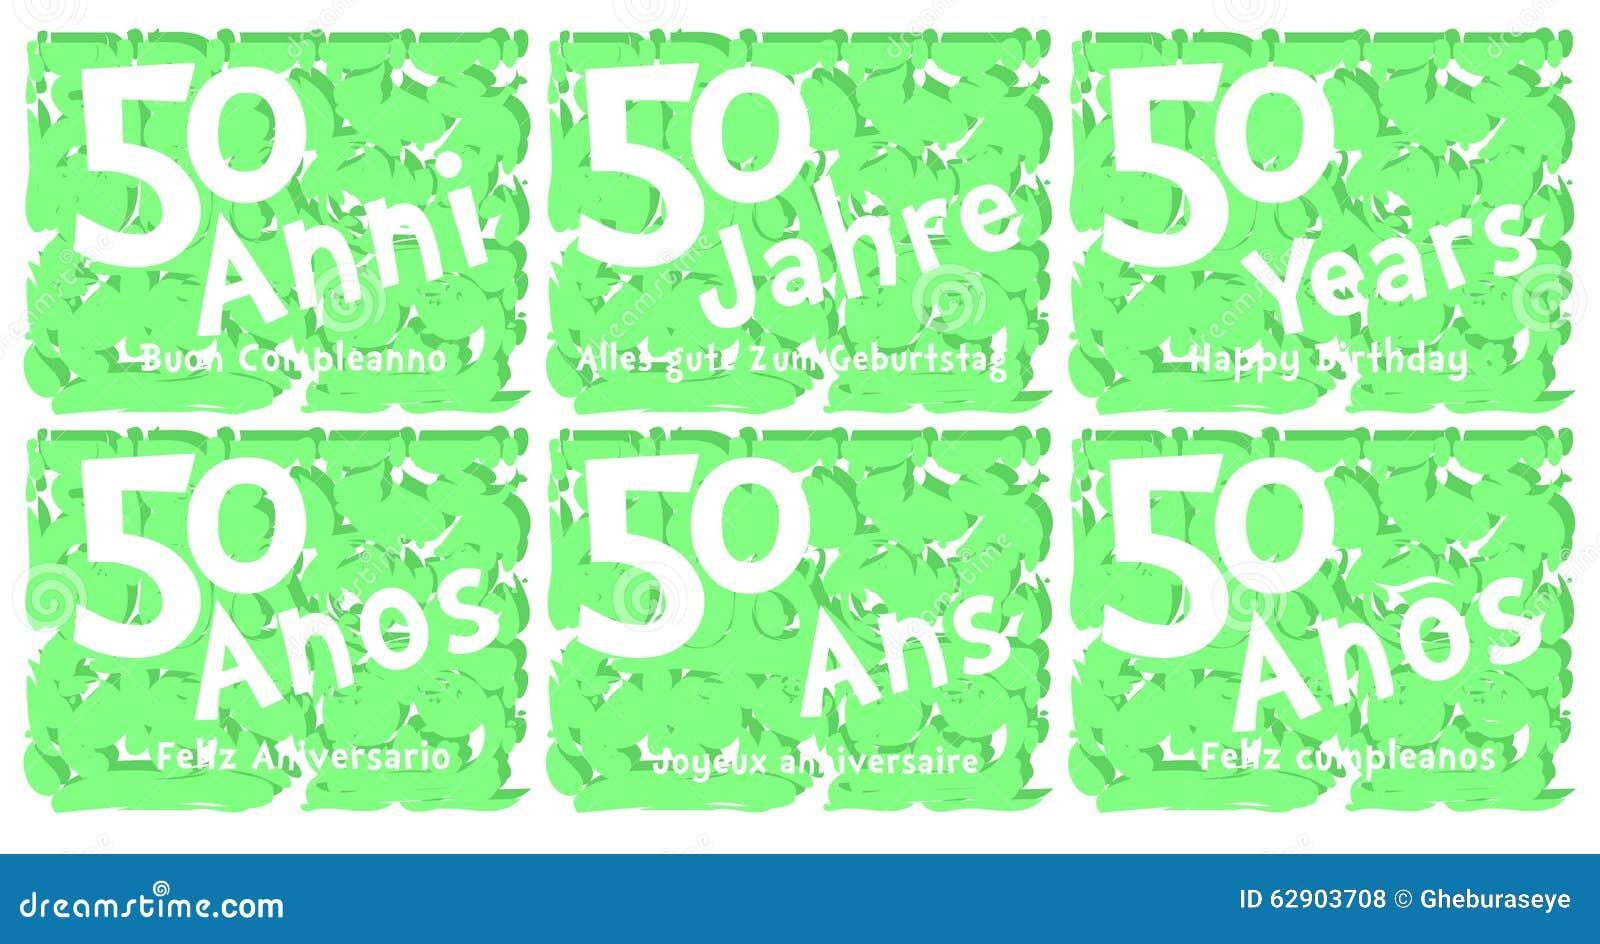 Insieme Della Cartolina D Auguri Di Compleanno Per 50 Anni